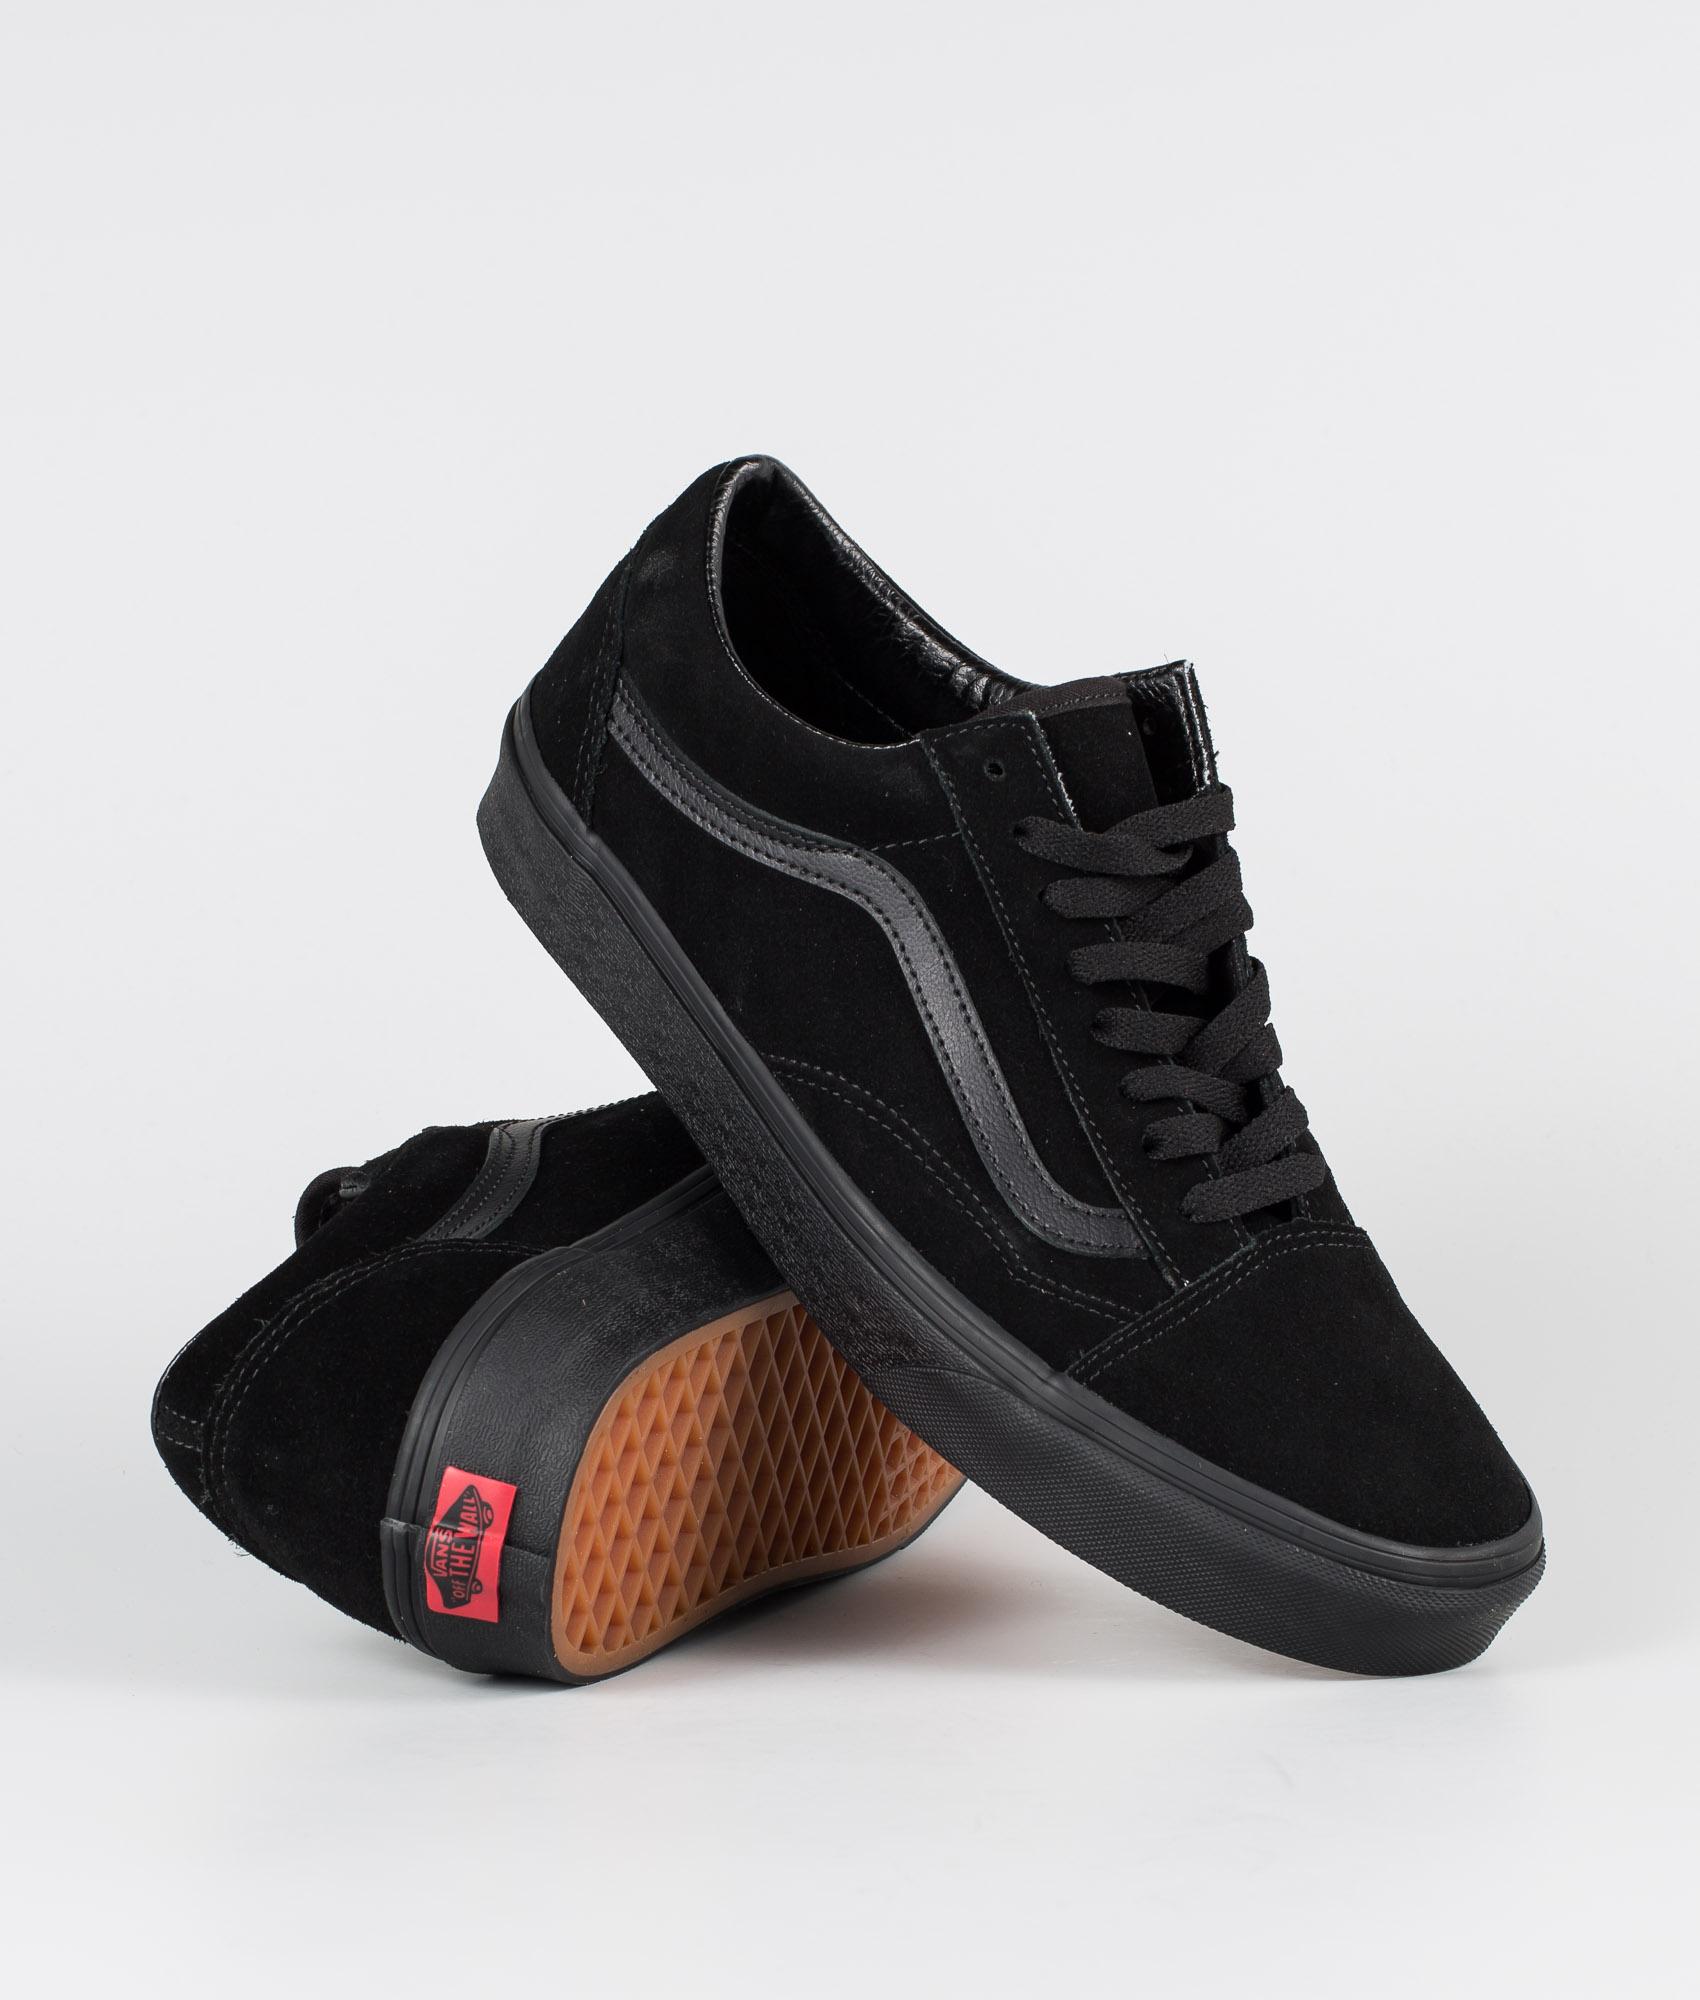 Vans Old Skool Shoes (Suede)Black/Black